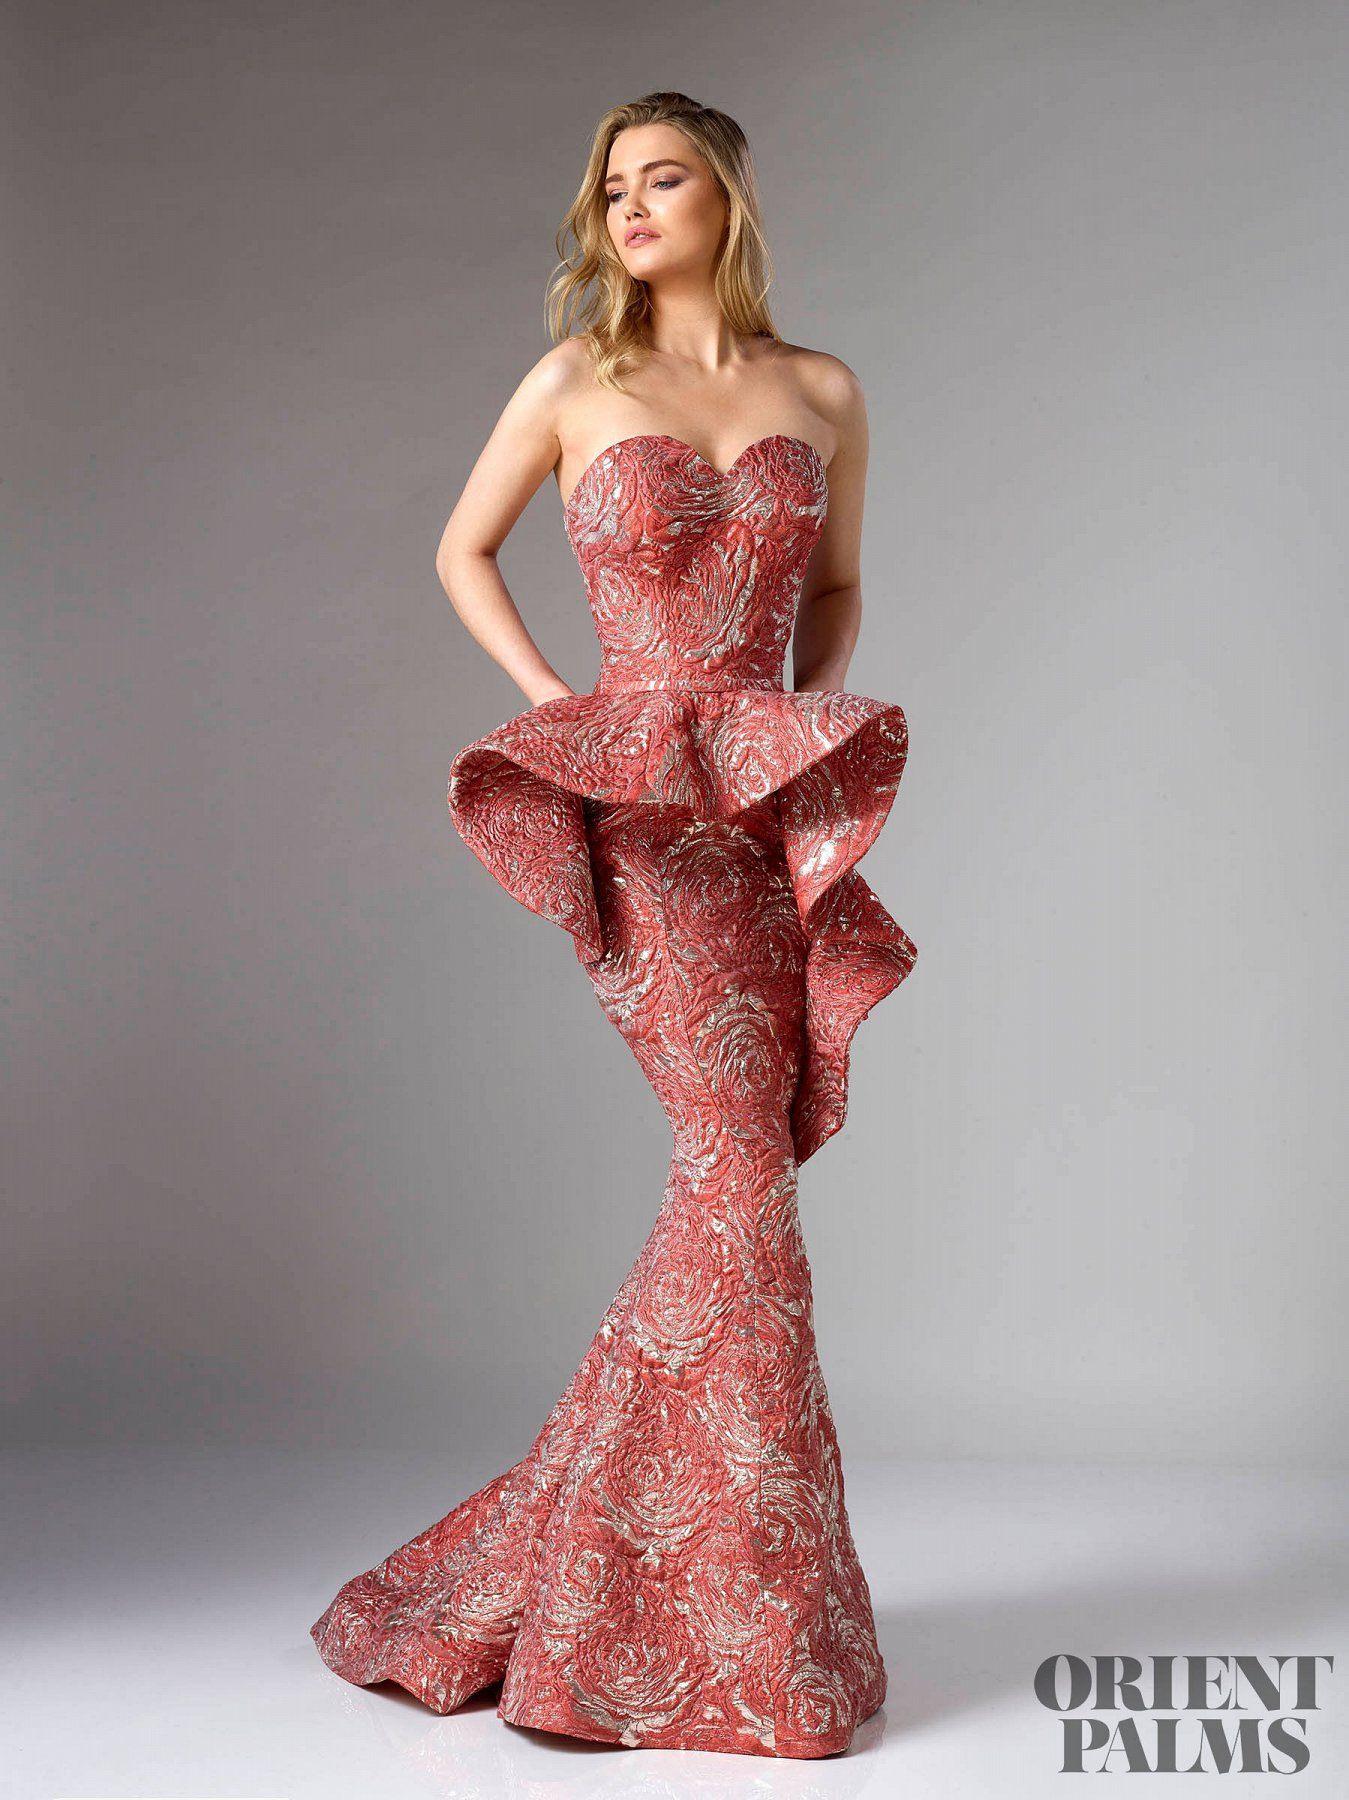 10 Einfach Mode W Abendkleider Bester Preis Luxus Mode W Abendkleider Ärmel